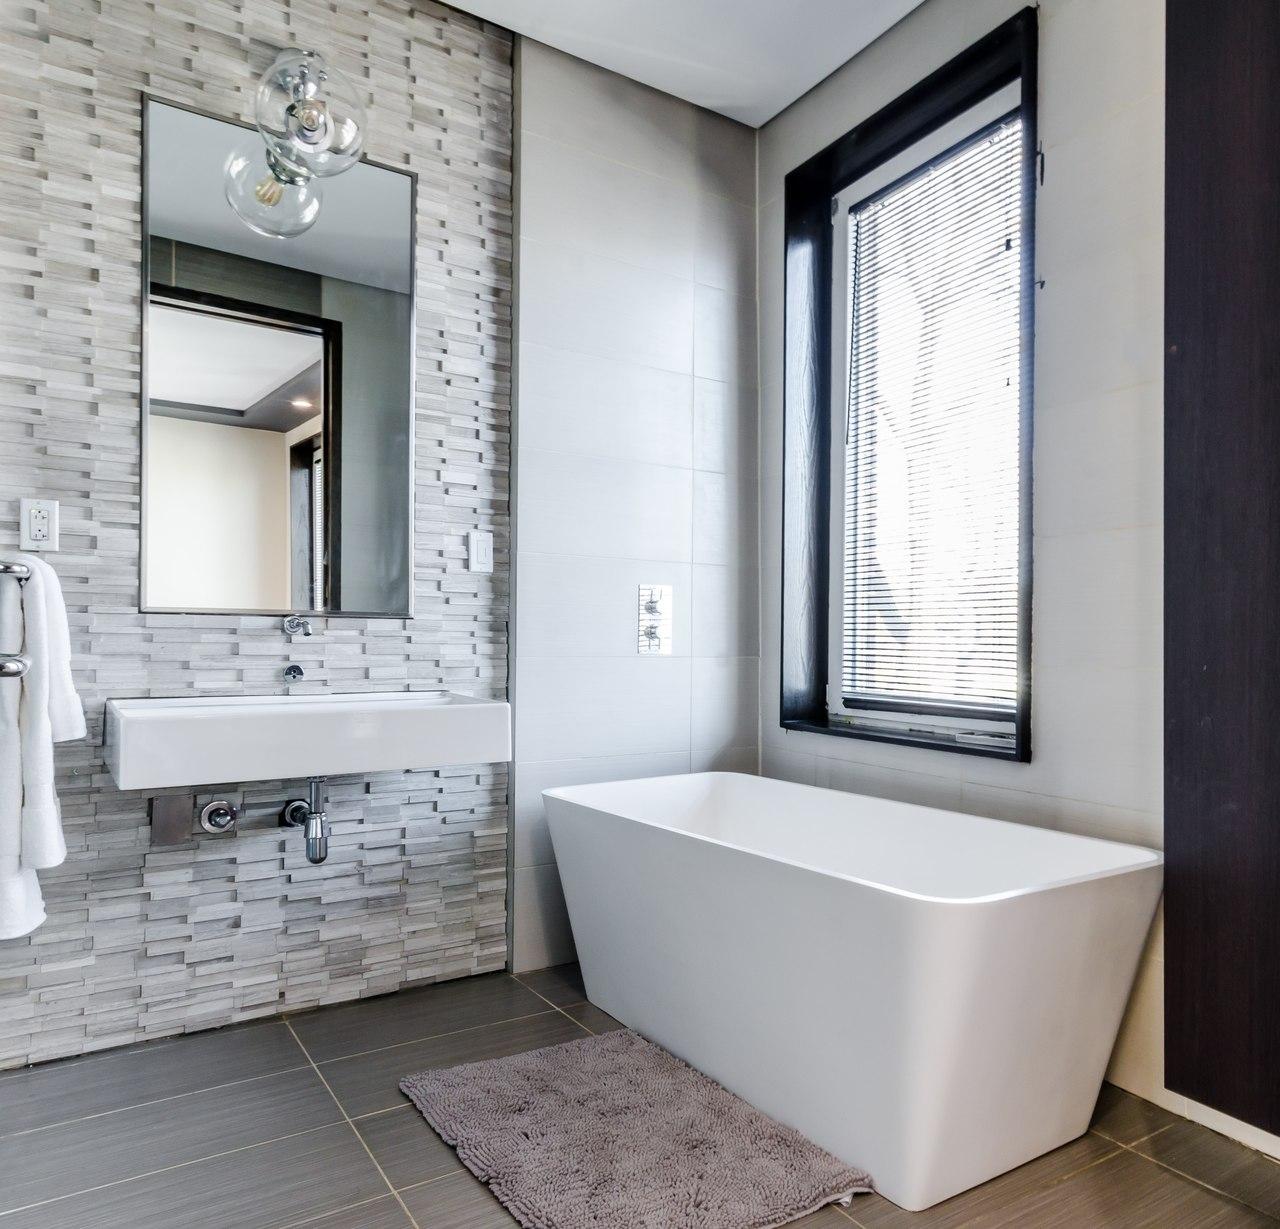 Okno w łazience – jak je zaaranżować, aby zyskać prywatność? 23